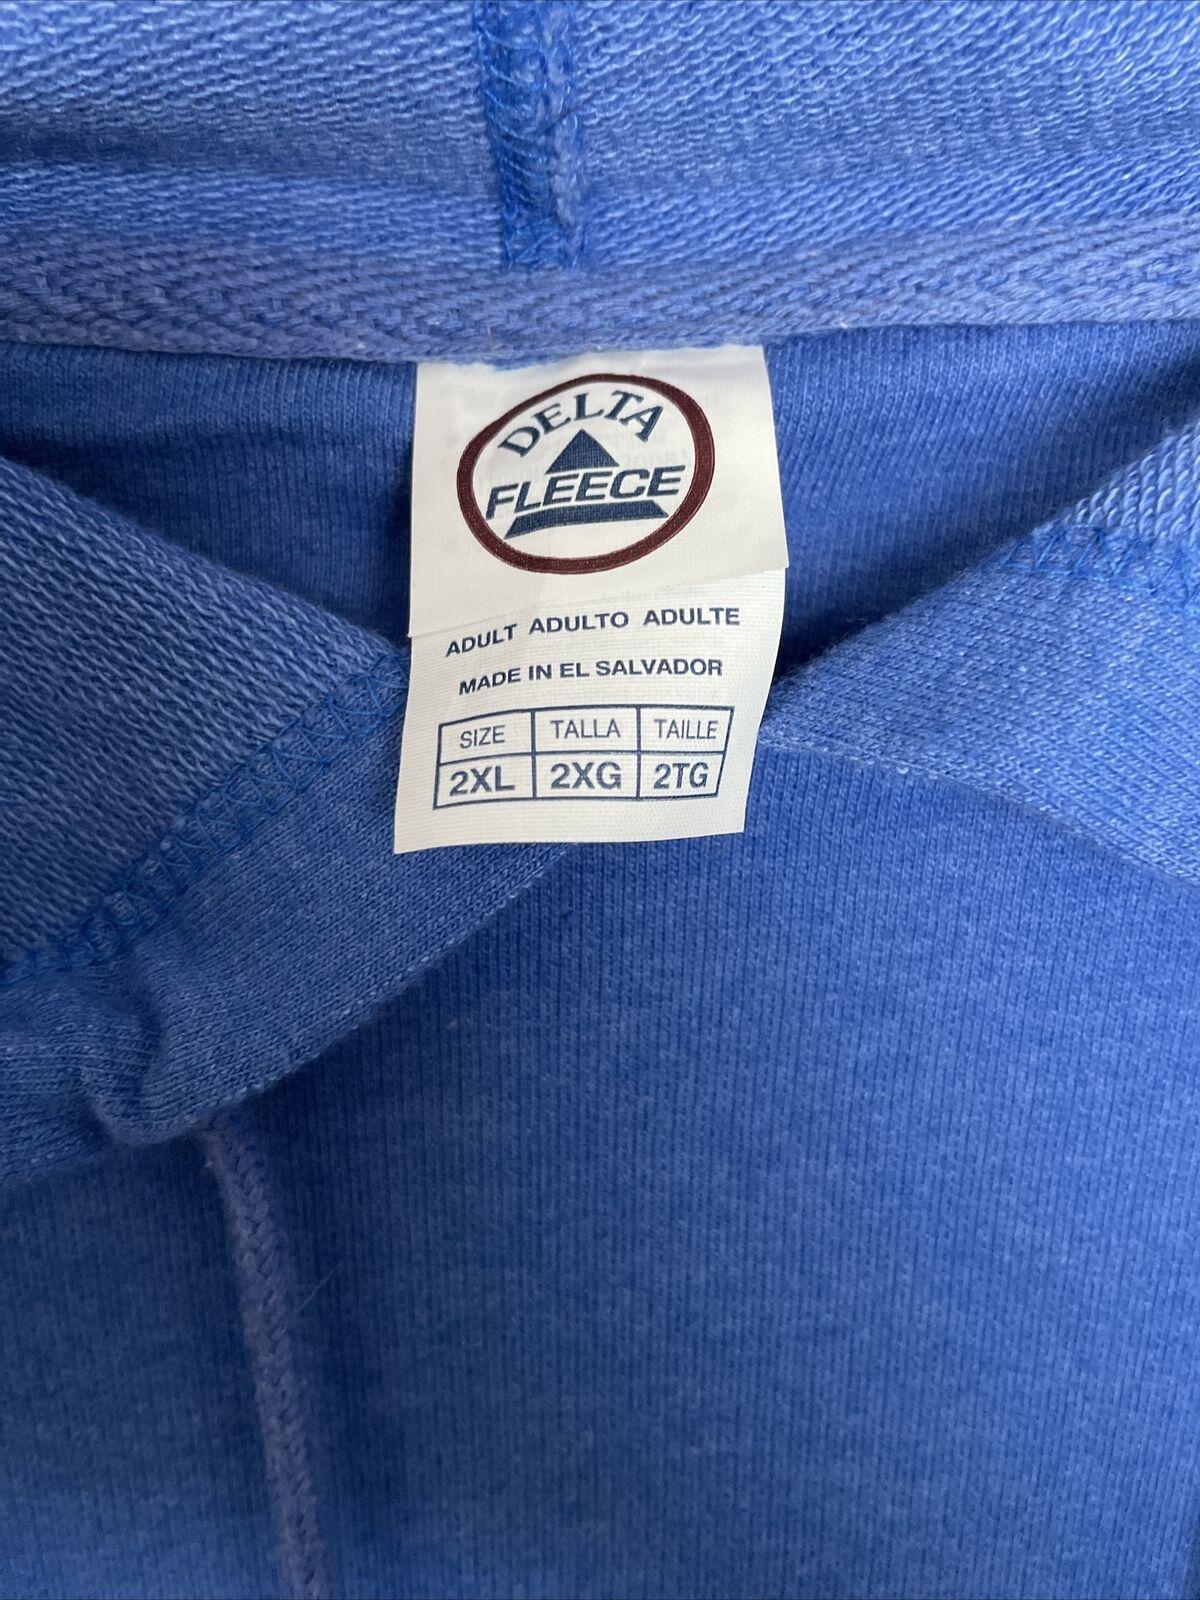 Mork And Mindy Nanu Nanu Blue Sweatshirt Size 2XL… - image 5